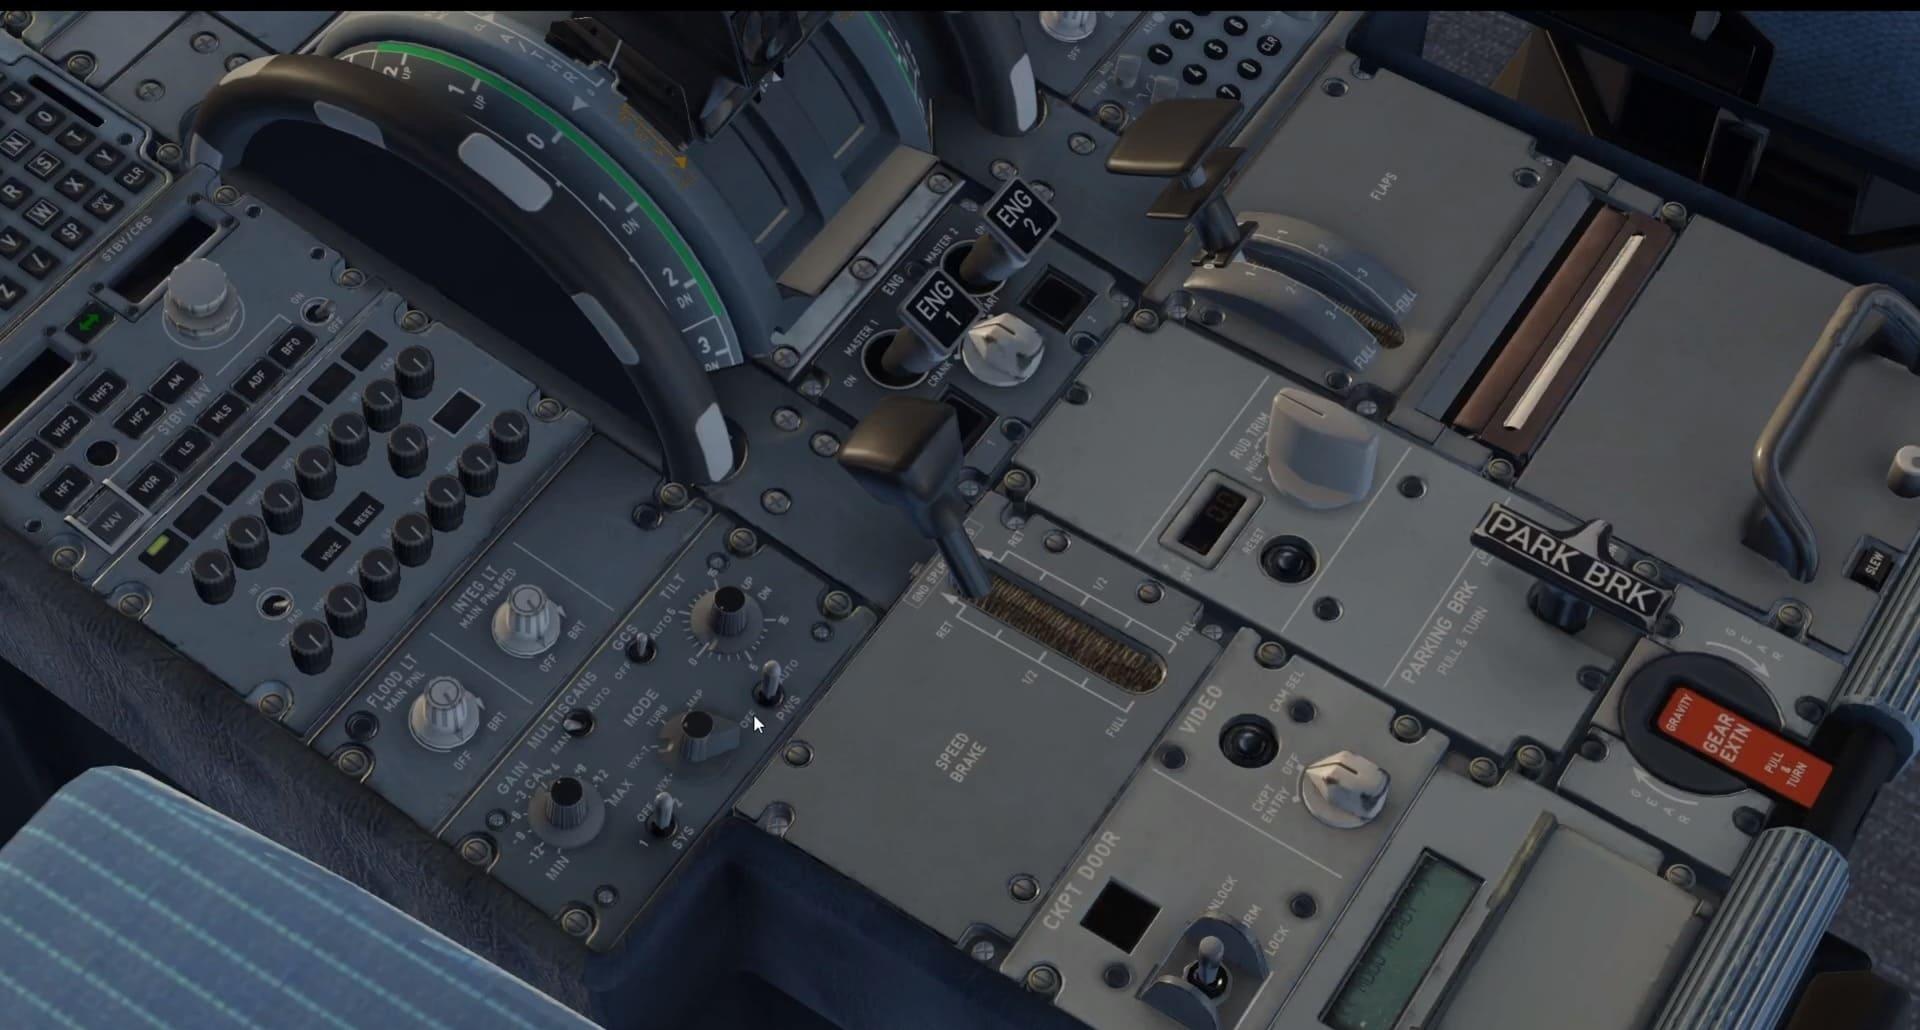 certificat ATPL théorique avion cockpit appareillage pilote de ligne formation à distance Visio-conférence